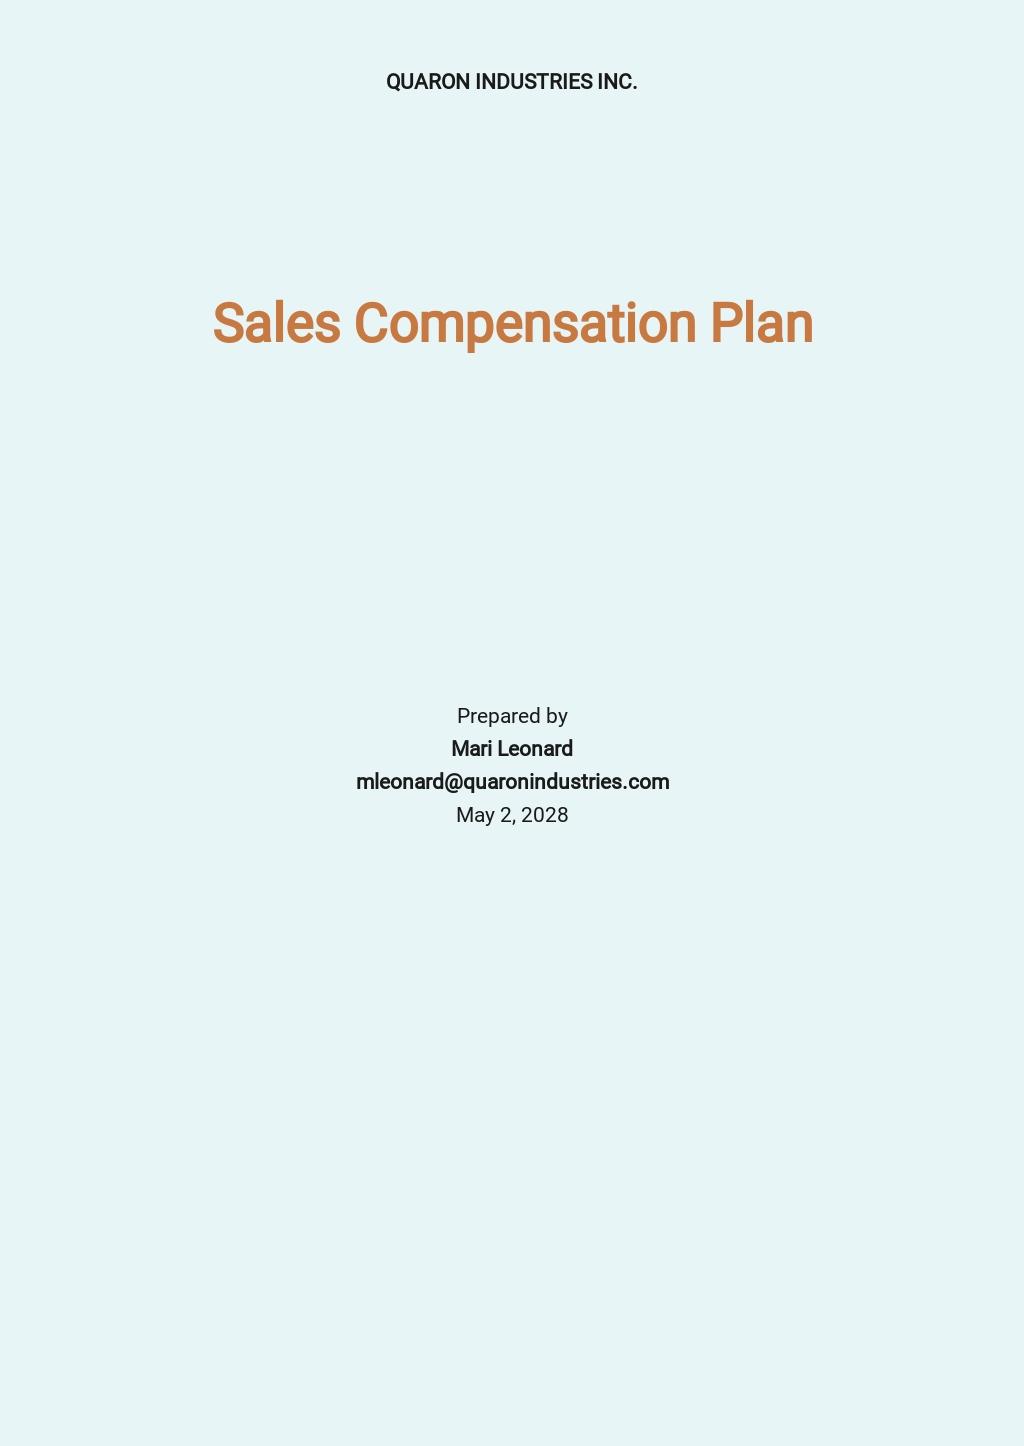 Sample Sales Compensation Plan.jpe